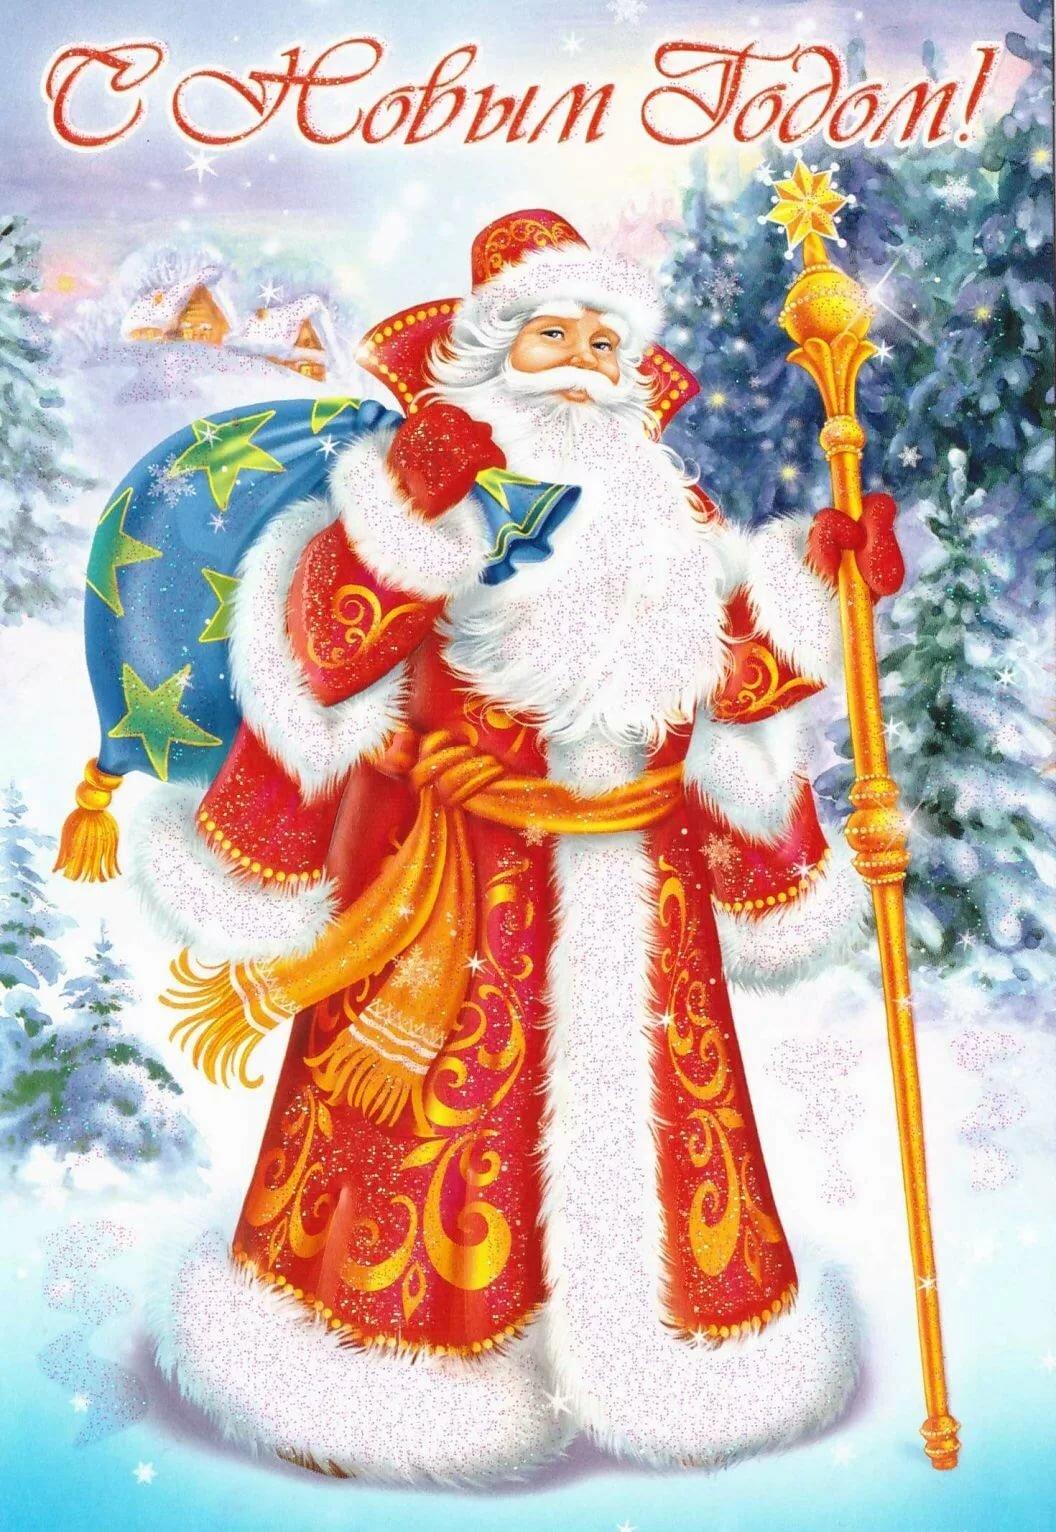 Картинки на открытках к новому году